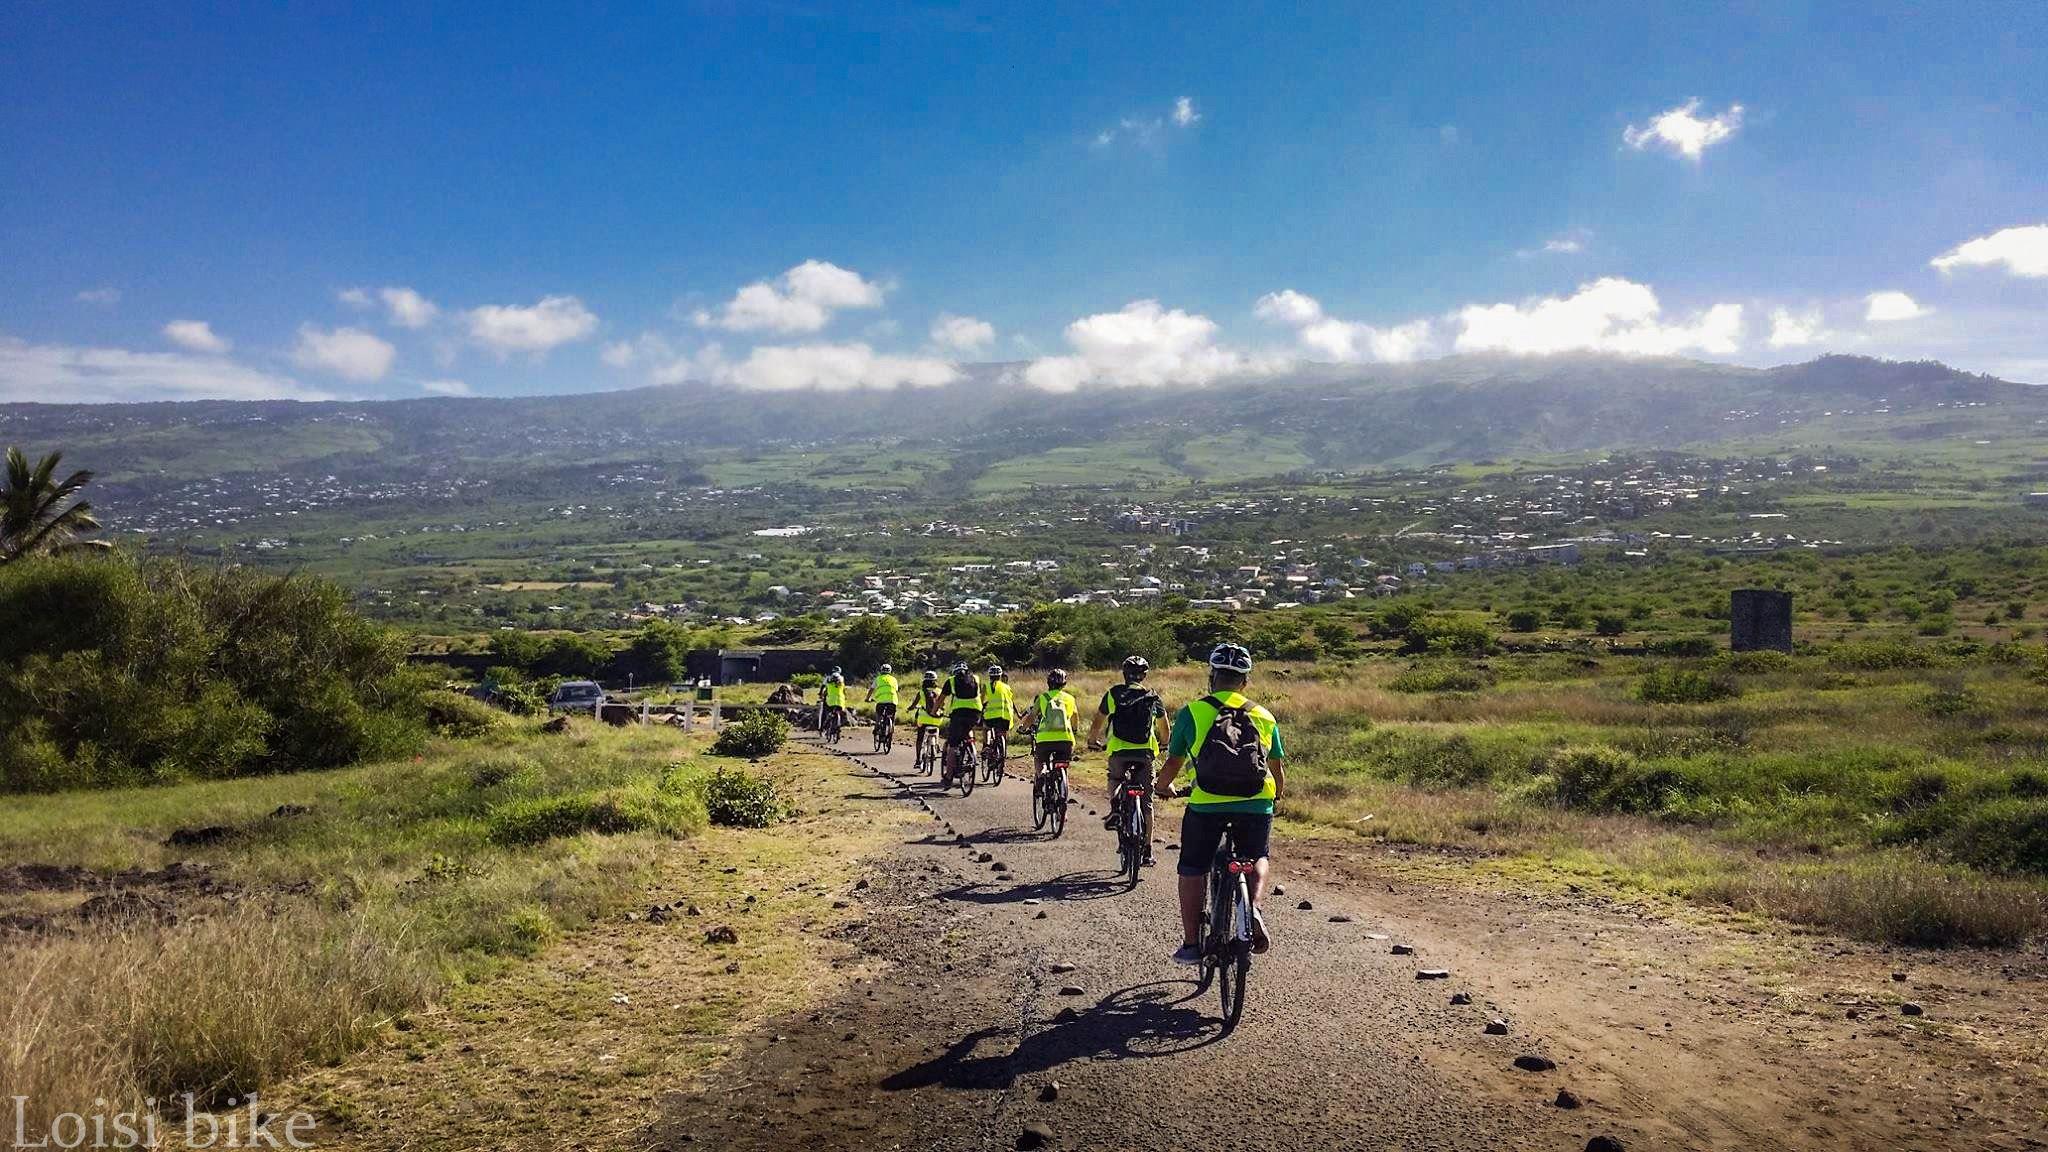 Zarlor spécial : vacances scolaires Réunion, vélo électrique